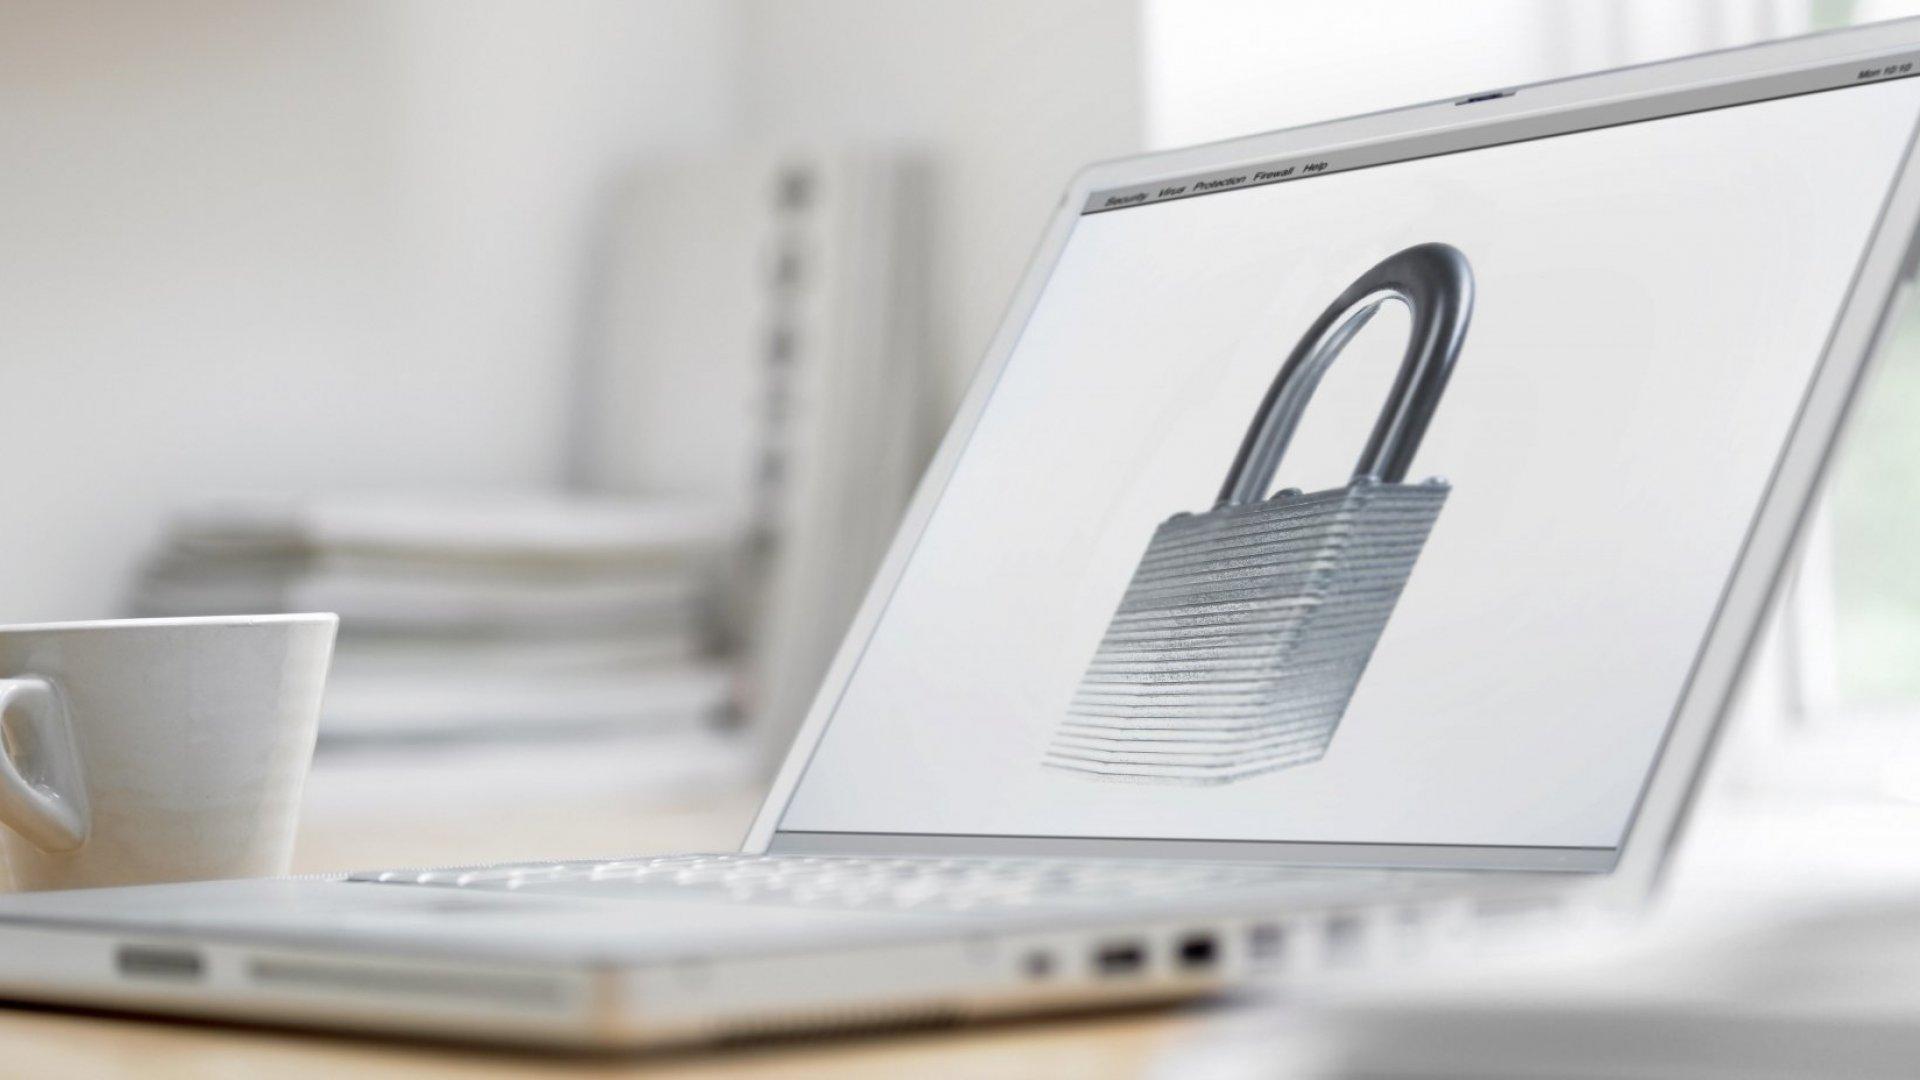 Kişisel çevrimiçi güvenliğimi nasıl sağlarım?